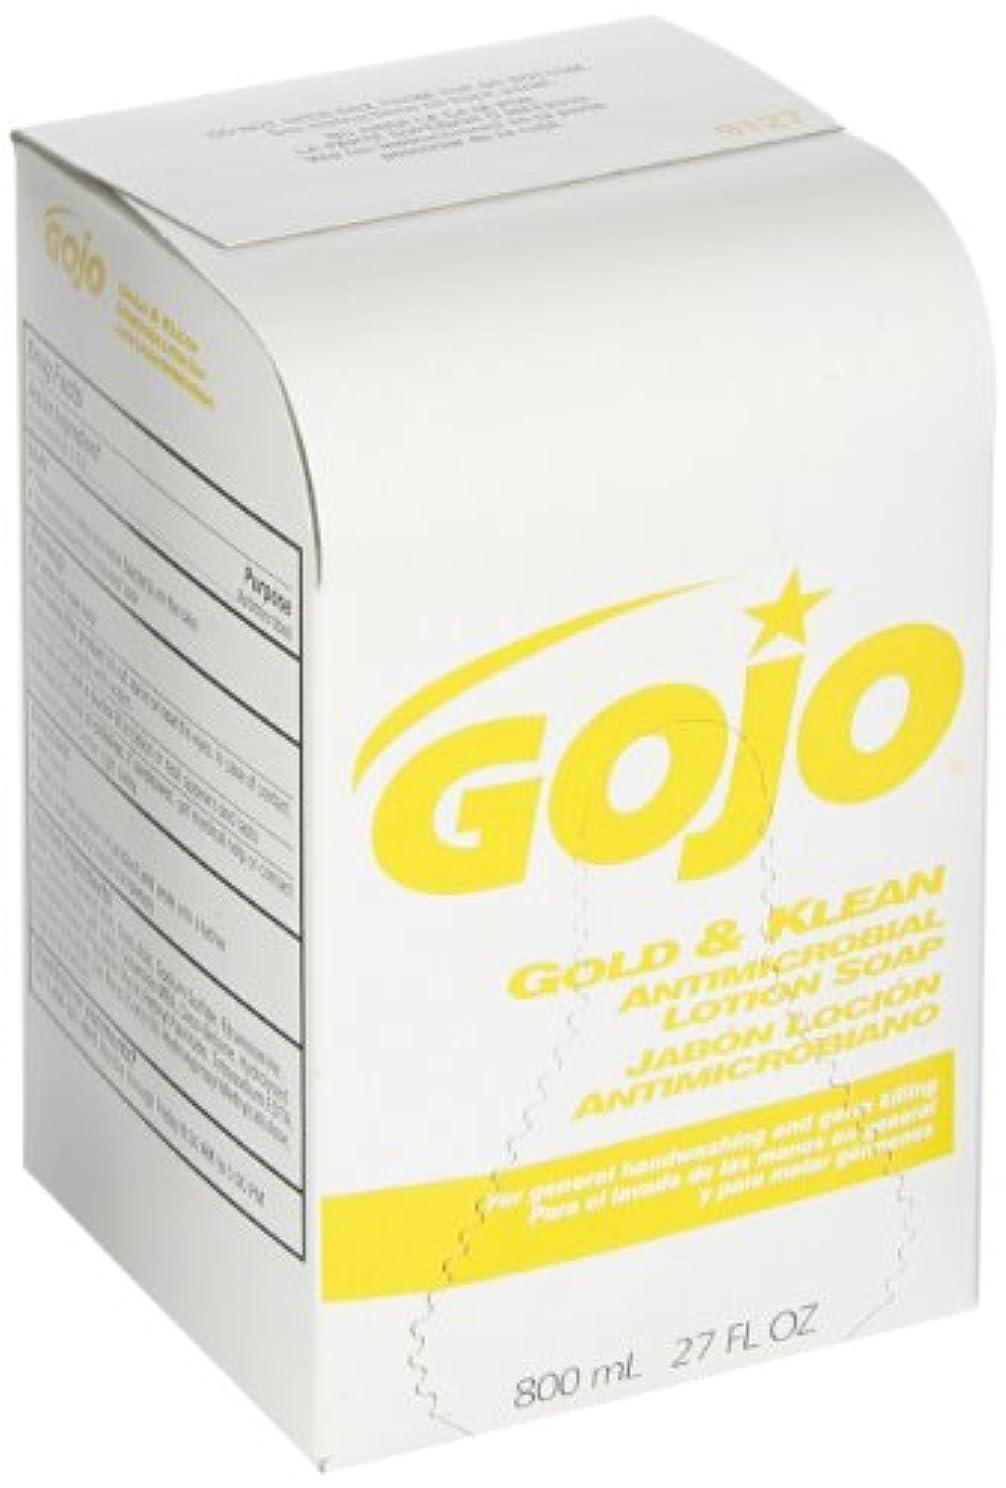 確認してください肝テロゴールド& KleanローションSoap bag-in-boxディスペンサー詰め替え、フローラルBalsam、800 ml